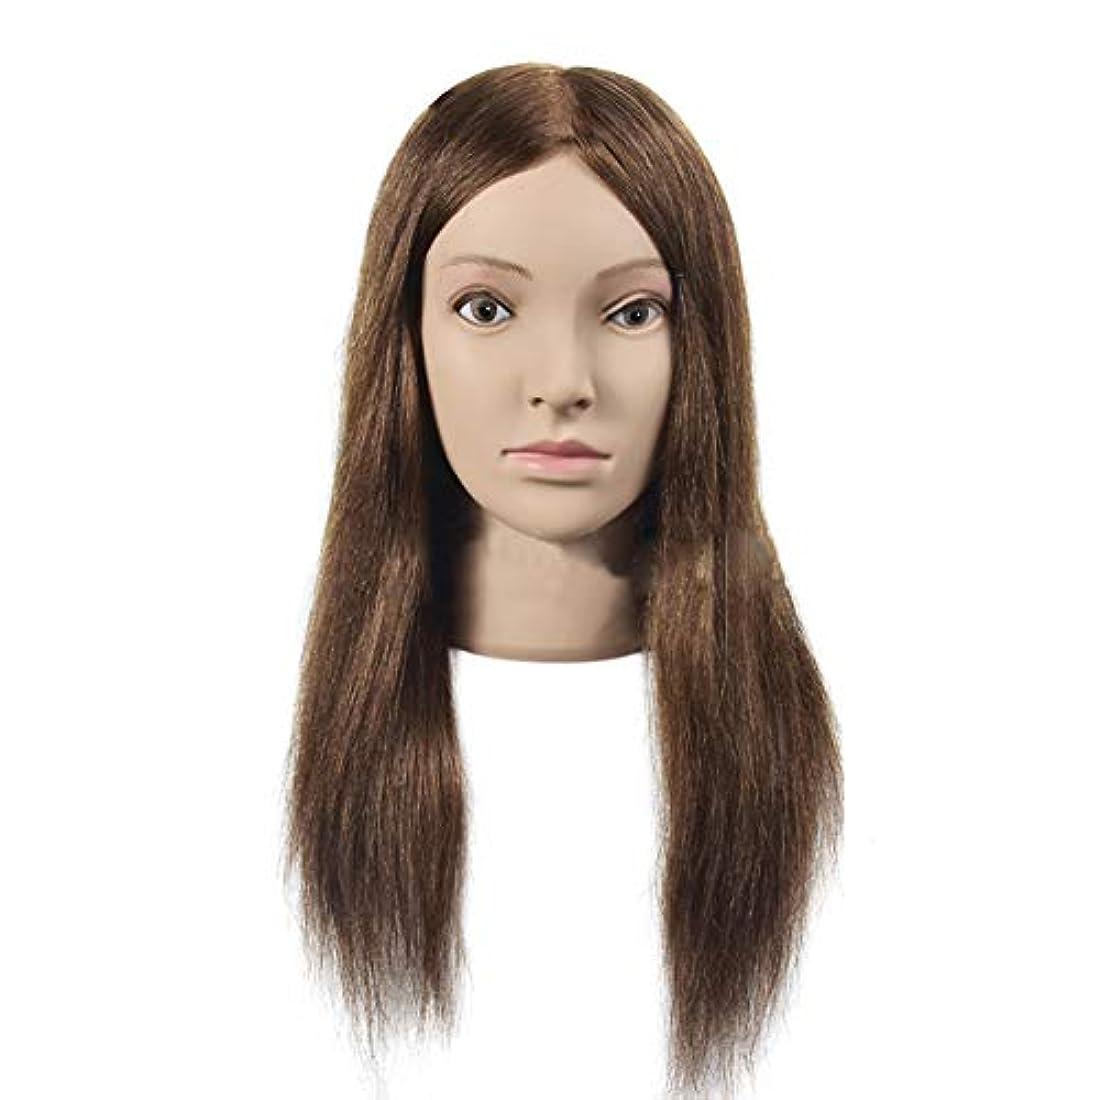 オーブン欠席考古学者専門の練習ホット染色漂白はさみモデリングマネキン髪編組髪かつら女性モデルティーチングヘッド